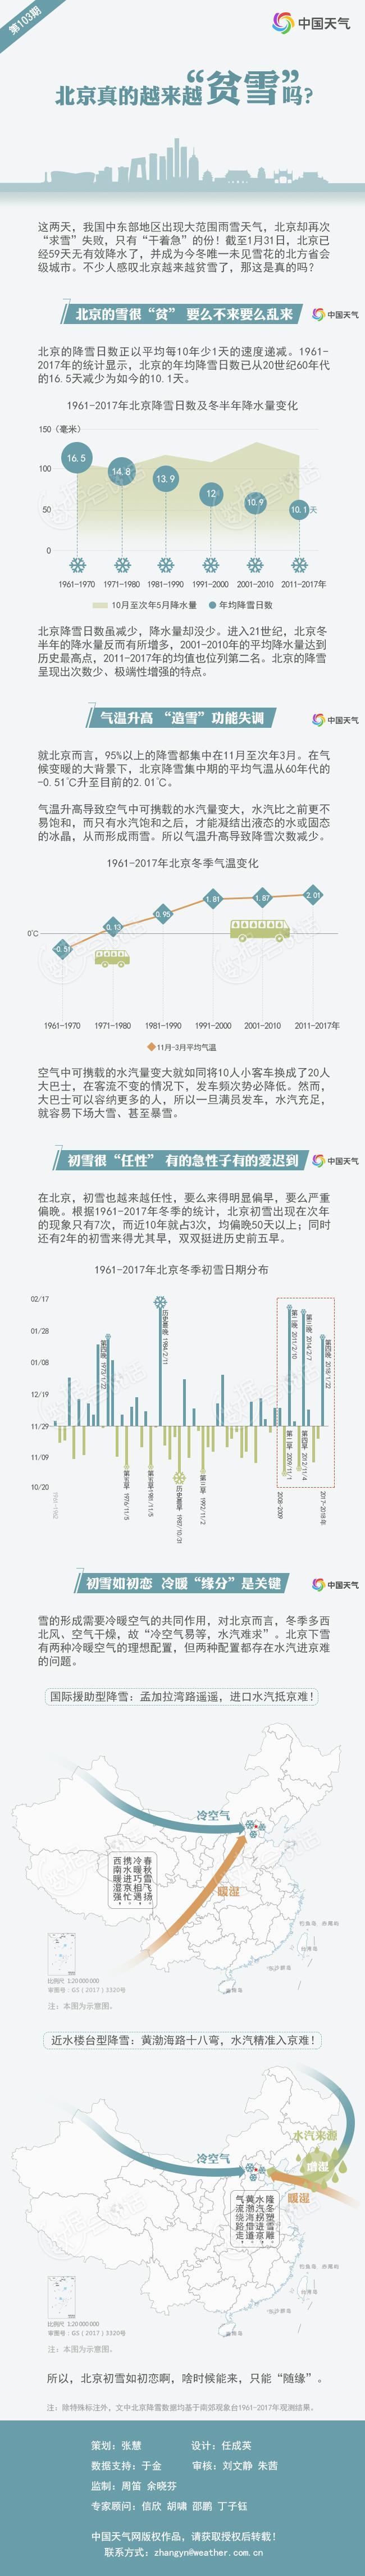 """北京真的越来越""""贫雪""""了吗? 气温升高 """"造雪""""功能失调"""